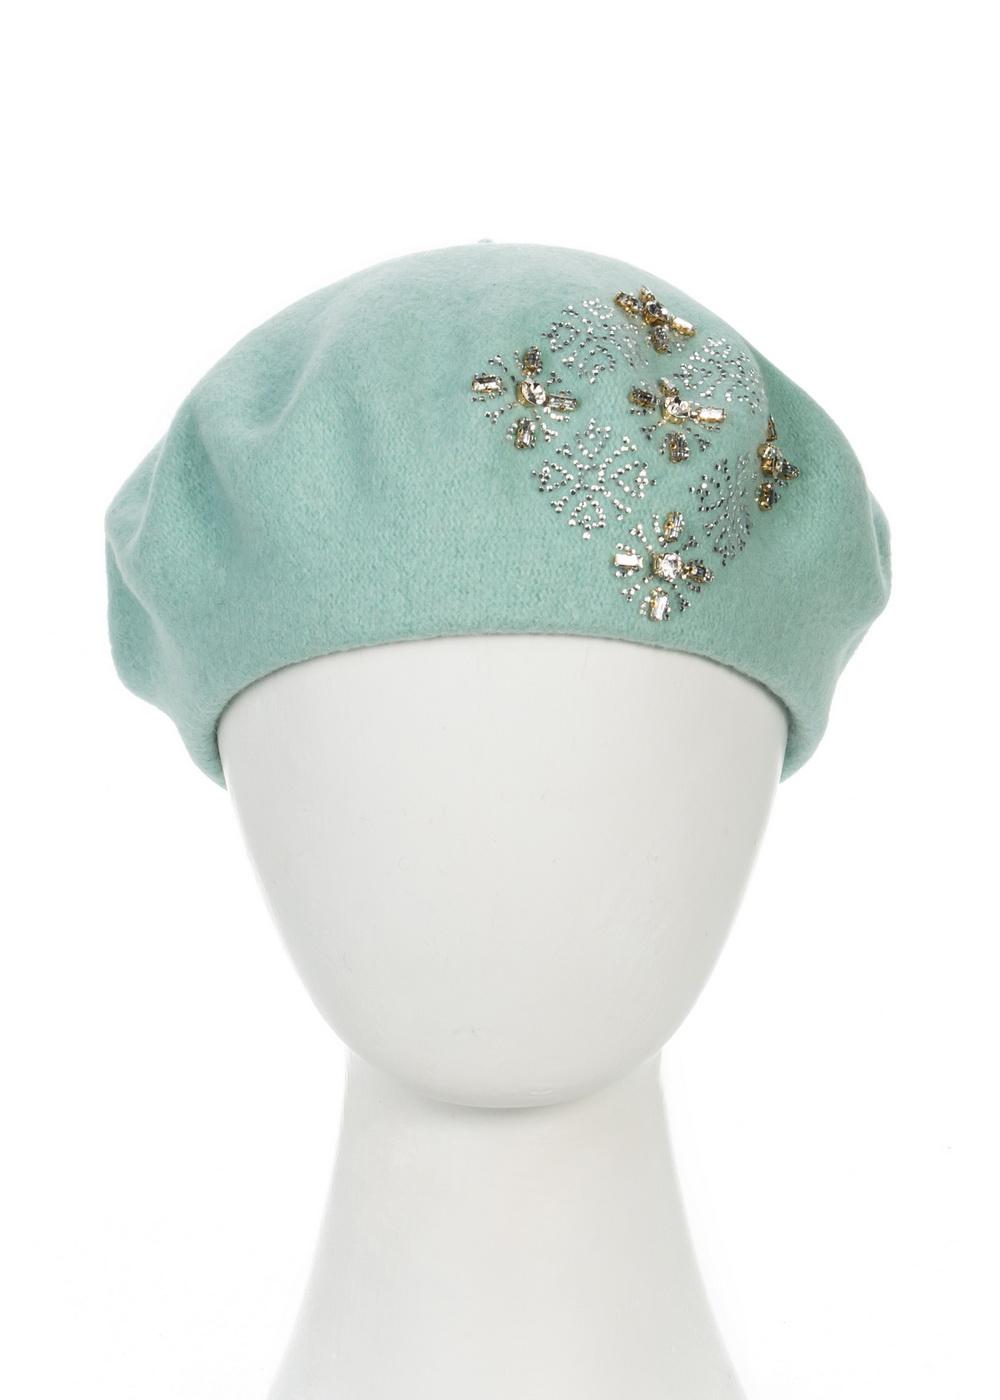 Берет999048Теплый берет Avanta Illeria, выполненный из натуральной шерсти, отлично дополнит ваш образ в холодную погоду. Модель оформлена оригинальным узором выложенным из страз и камней. Такой берет, составит идеальный комплект с модной верхней одеждой, в нем вам будет уютно и тепло! Уважаемые клиенты! Размер, доступный для заказа, является обхватом головы.